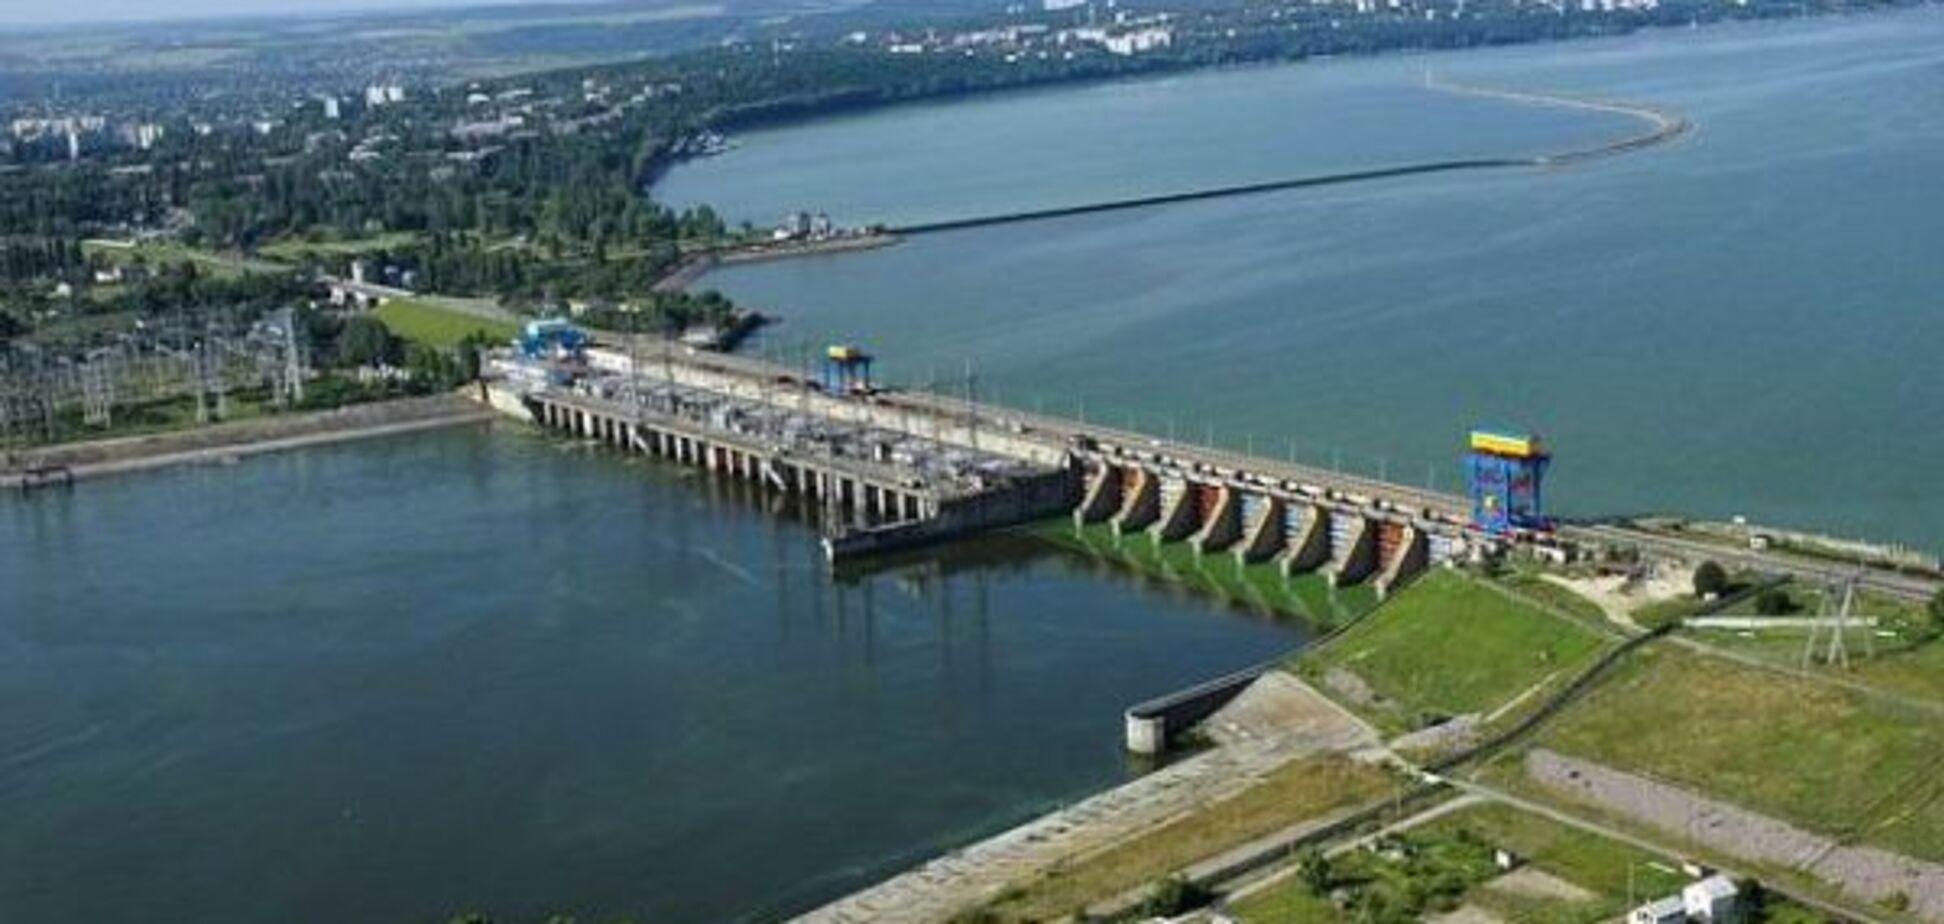 НП на Каховському водосховищі: еколог розповів, кому загрожує небезпека